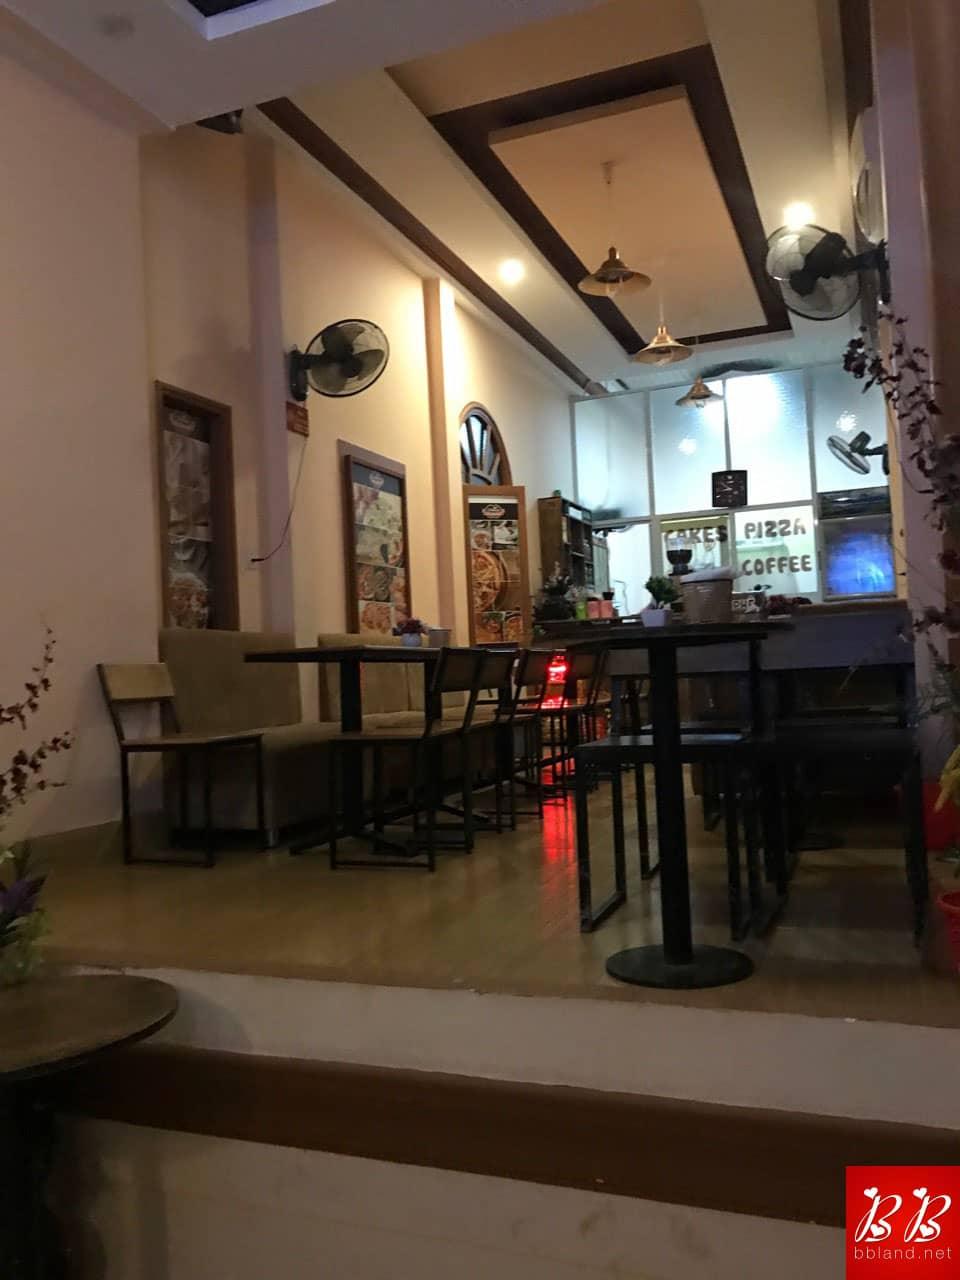 Đánh giá tiệm Cheese: Coffee - cakes ở Khe Sanh - Hướng Hoá - Quảng Trị